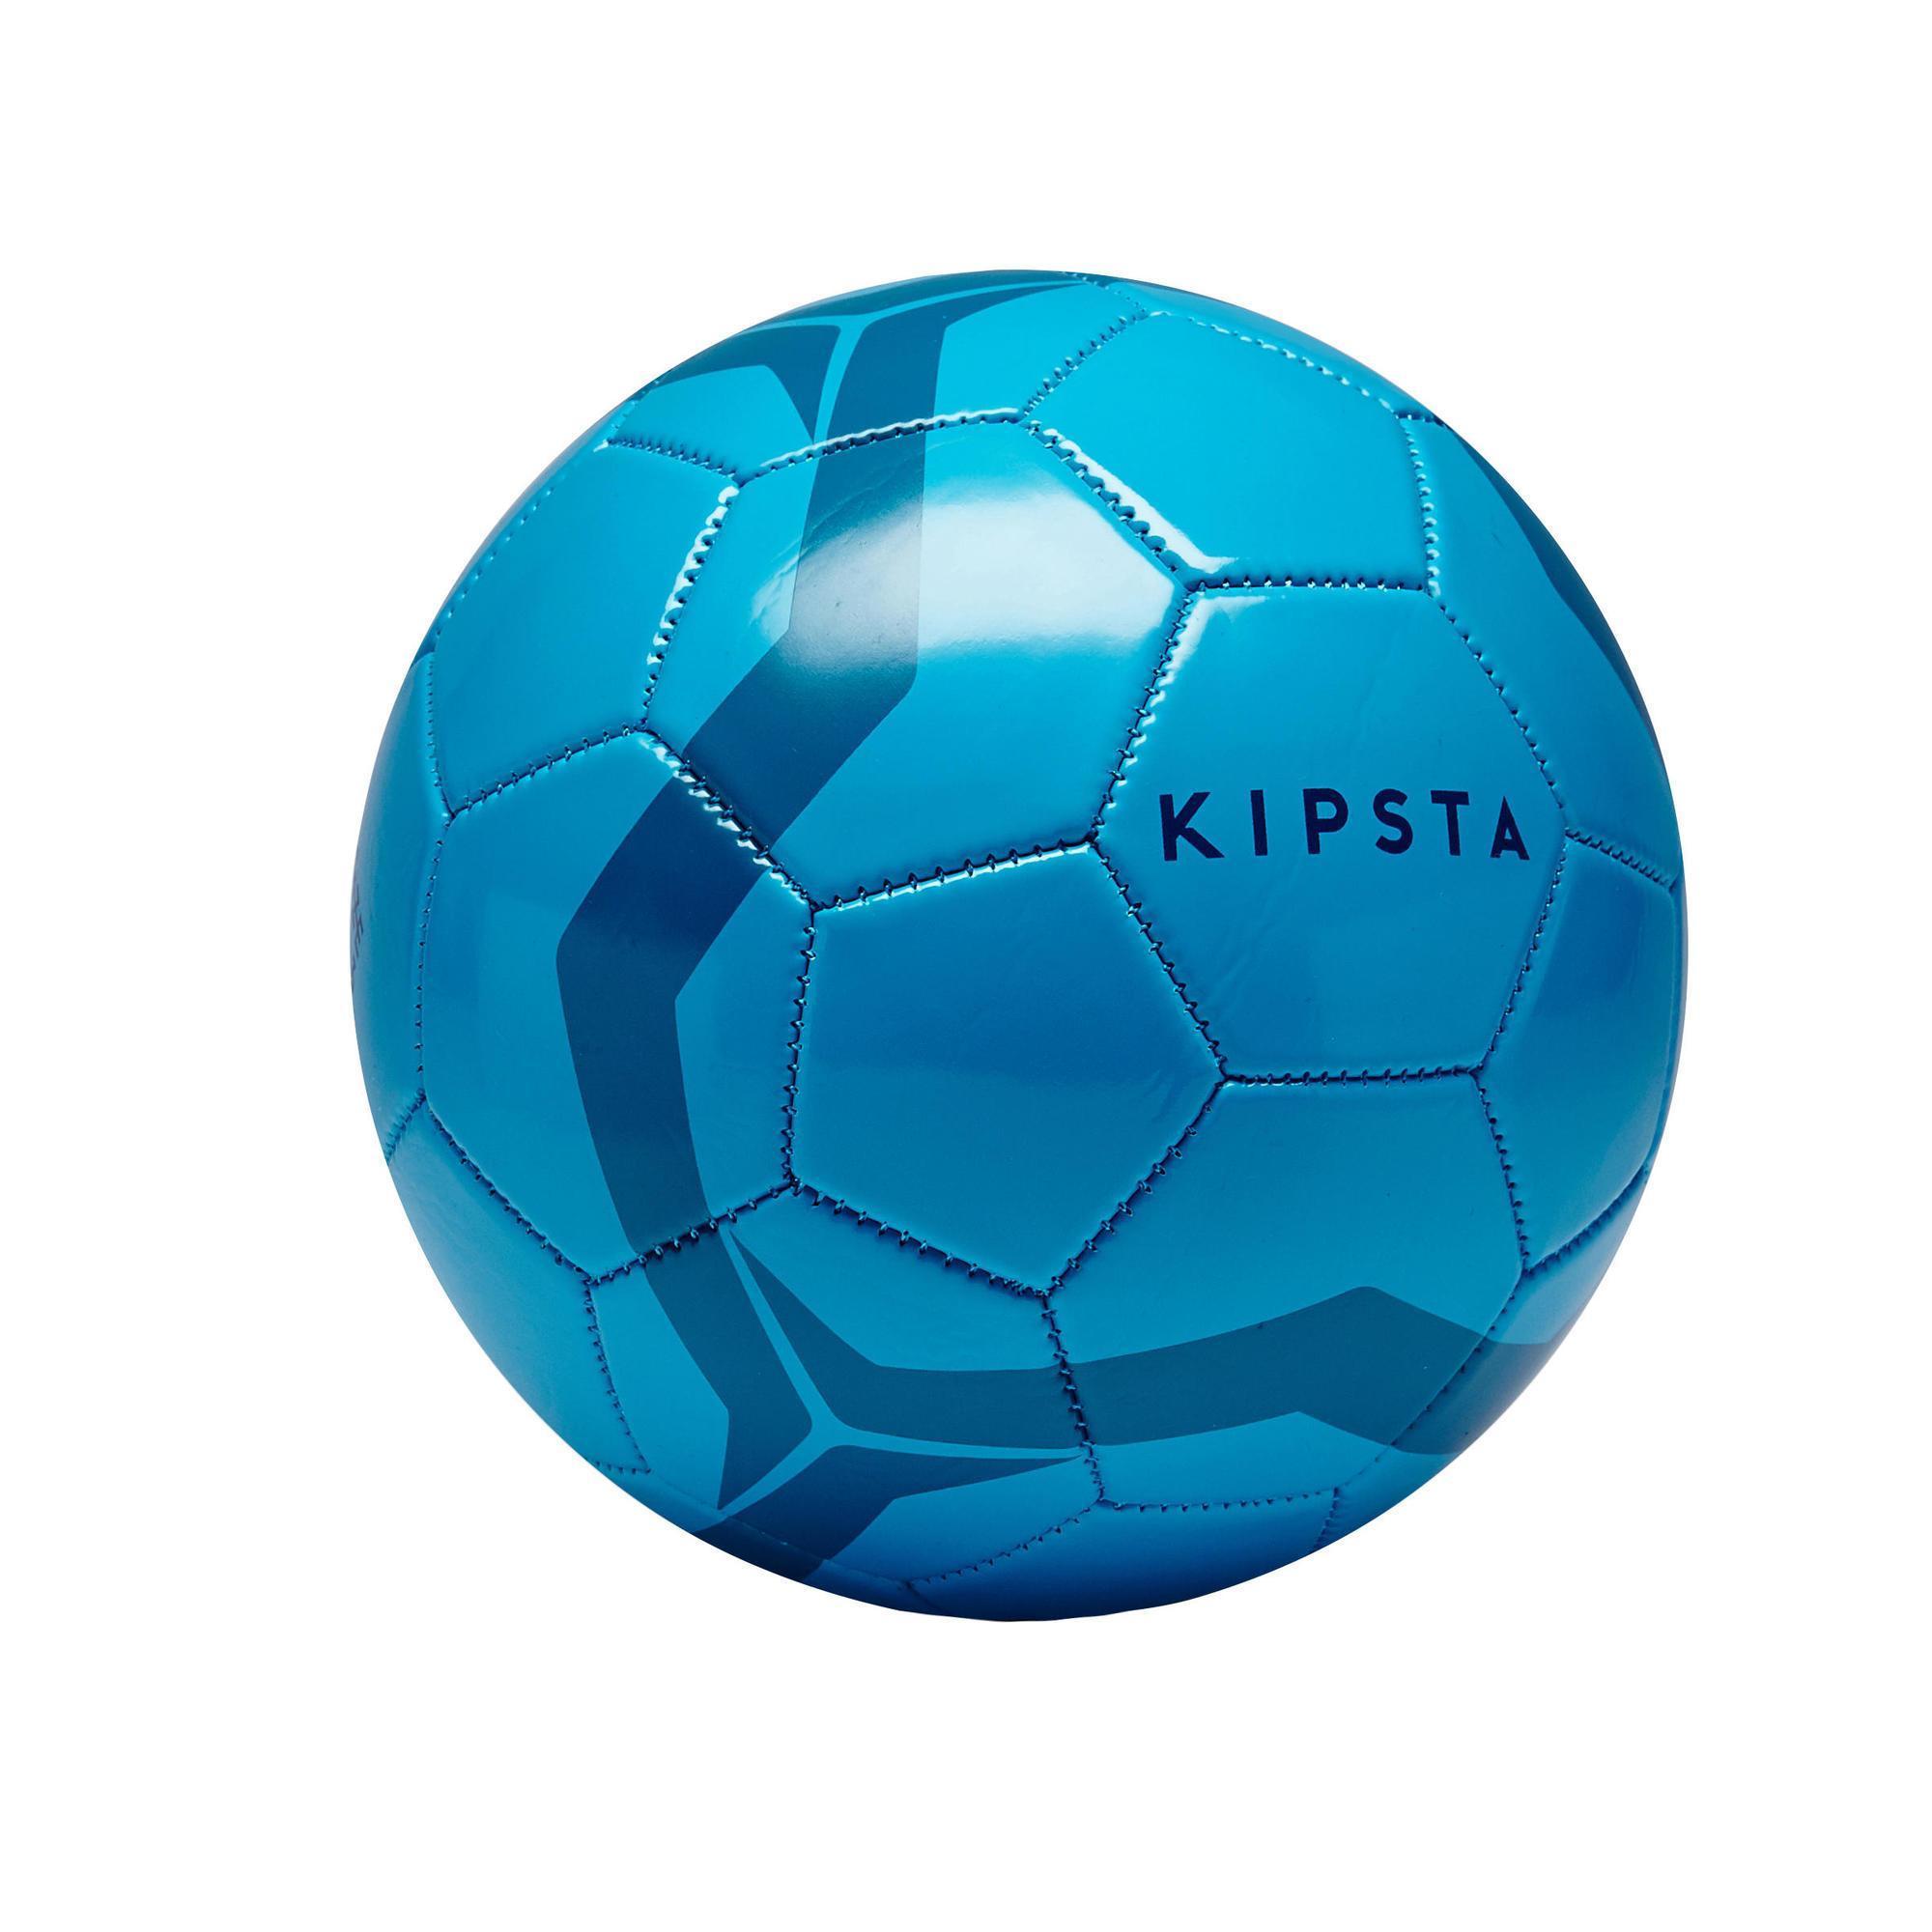 Kipsta Voetbal First Kick maat 3 (kinderen van 5 tot 7 jaar) blauw